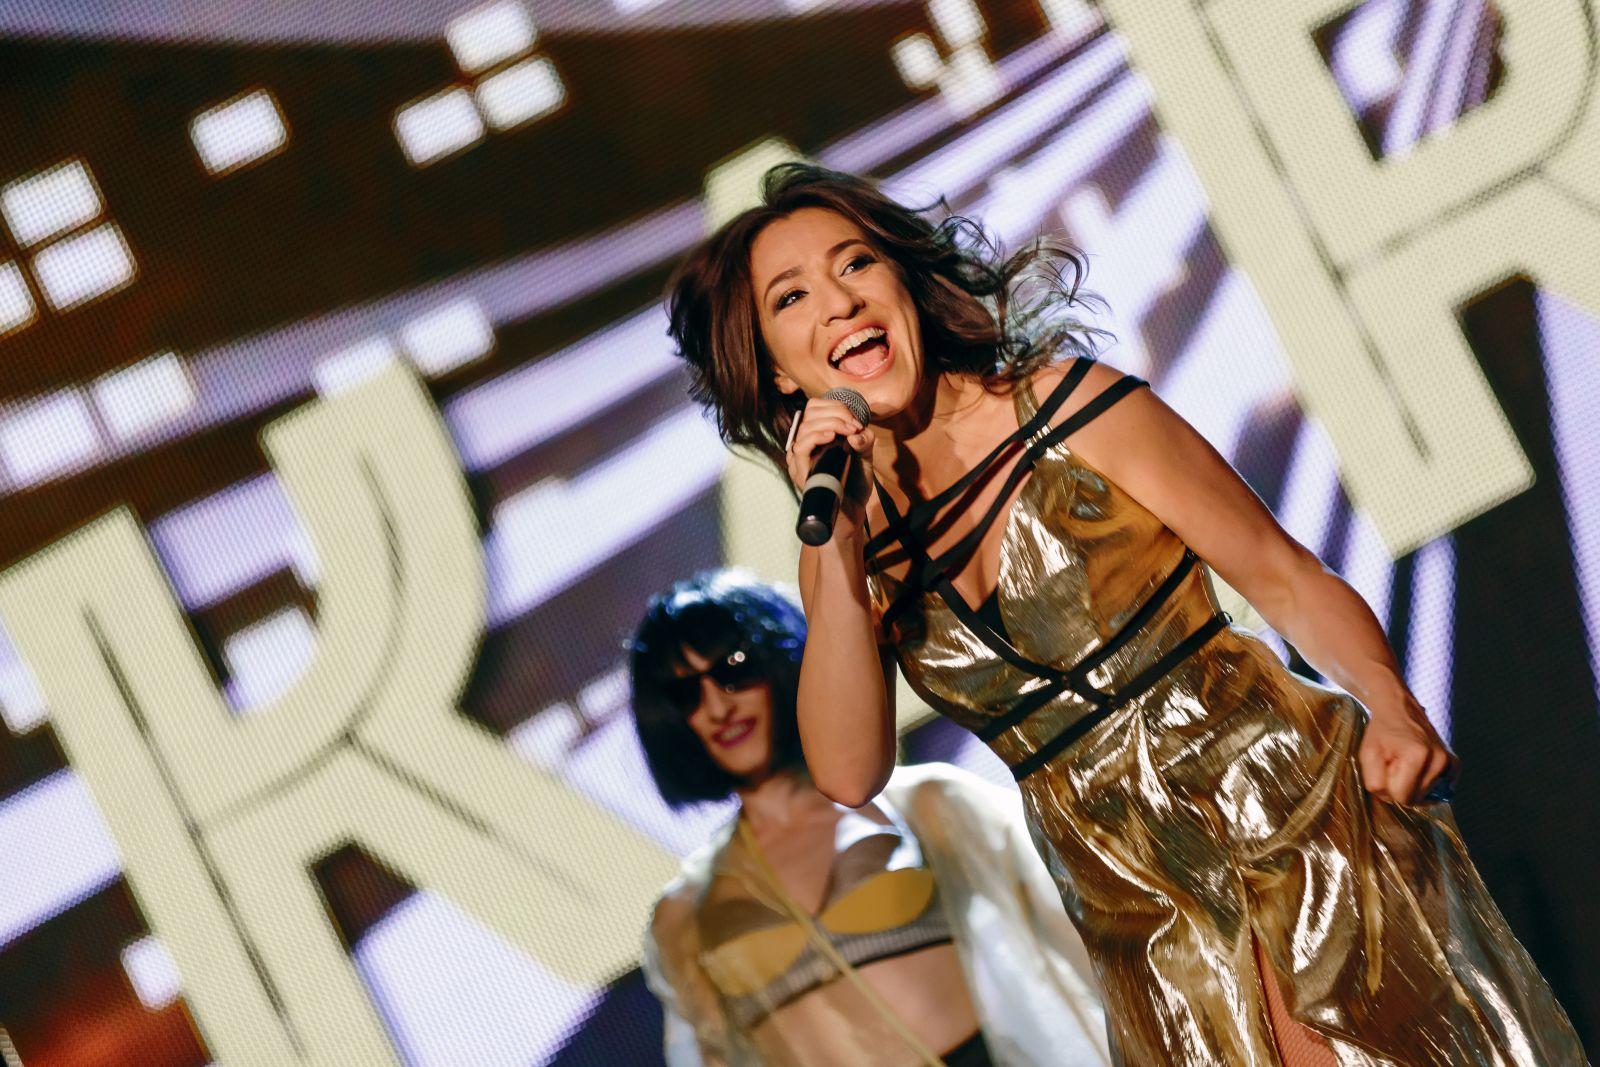 Наталка Карпа устроила шумную летнюю вечеринку в Киеве